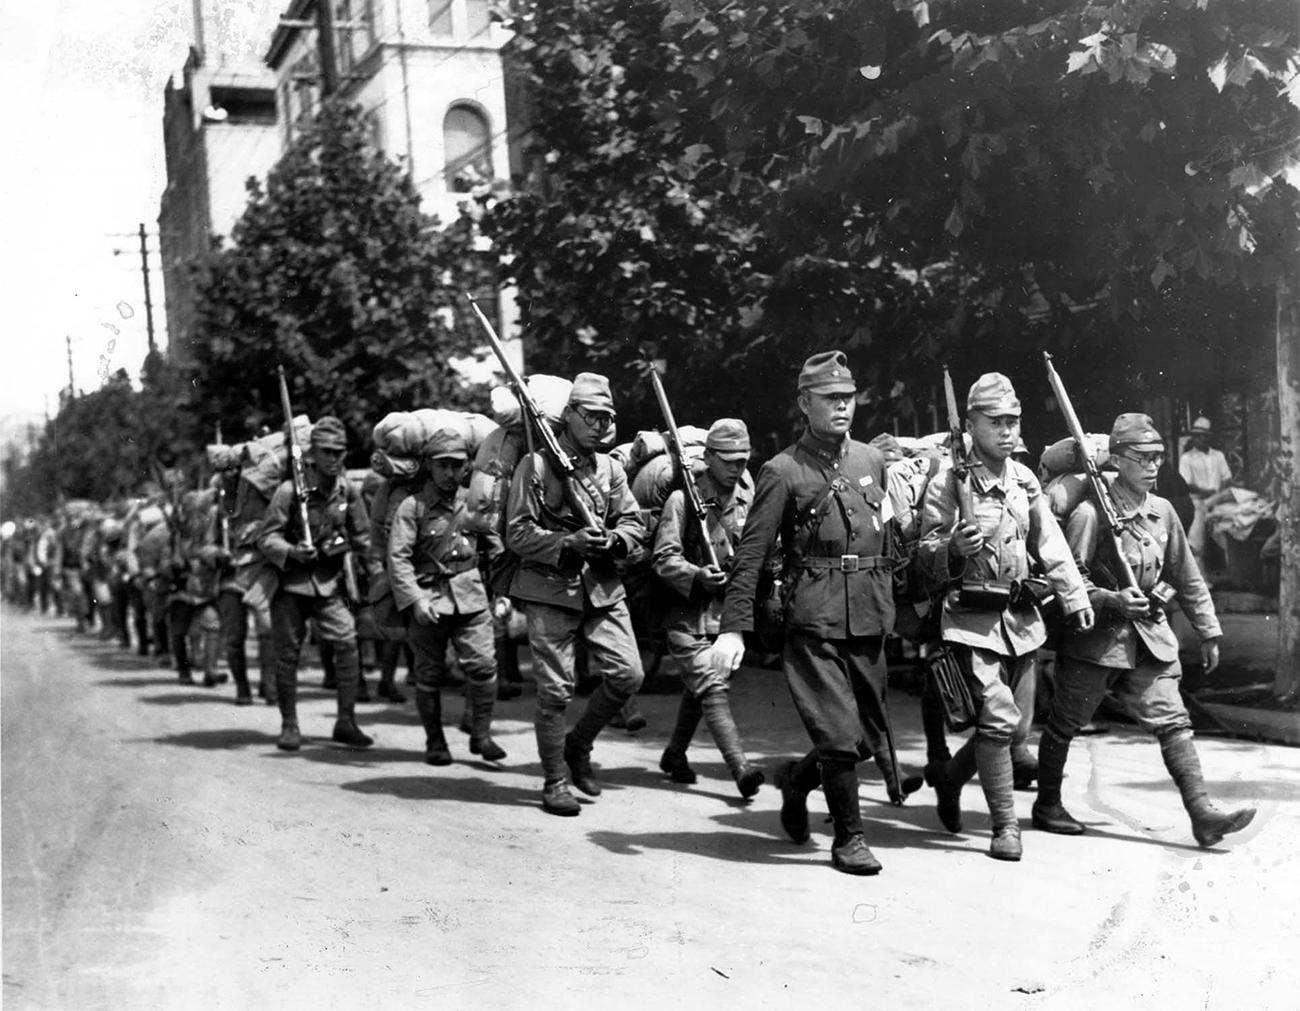 Tentara Jepang berparade di Seoul, Korea, pada masa penjajahan di Korea.